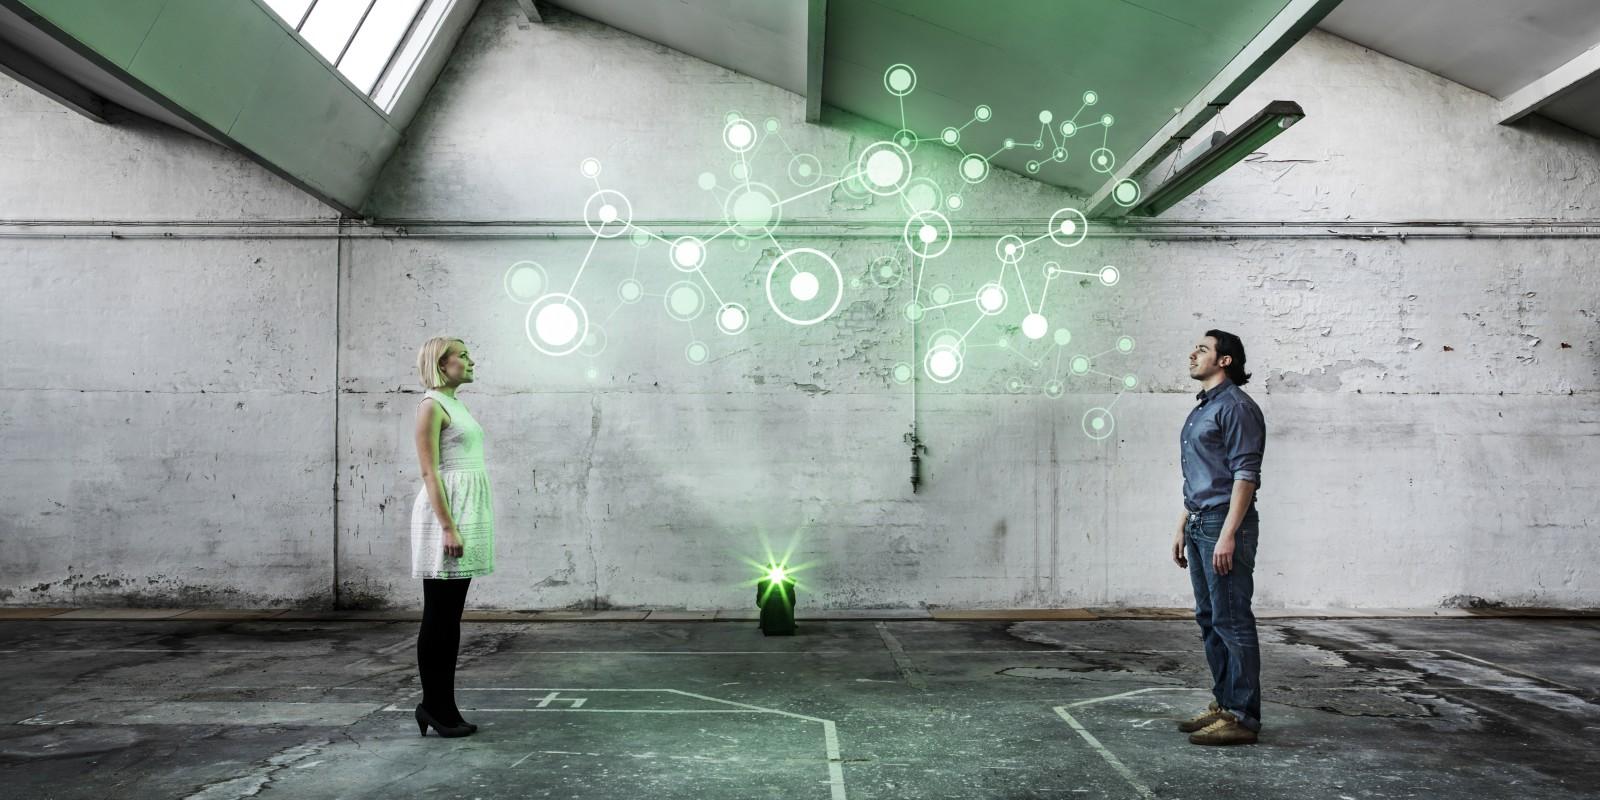 Vilka är kompetenserna och egenskaperna som arbetsgivarna kommer att efterfråga i framtiden?